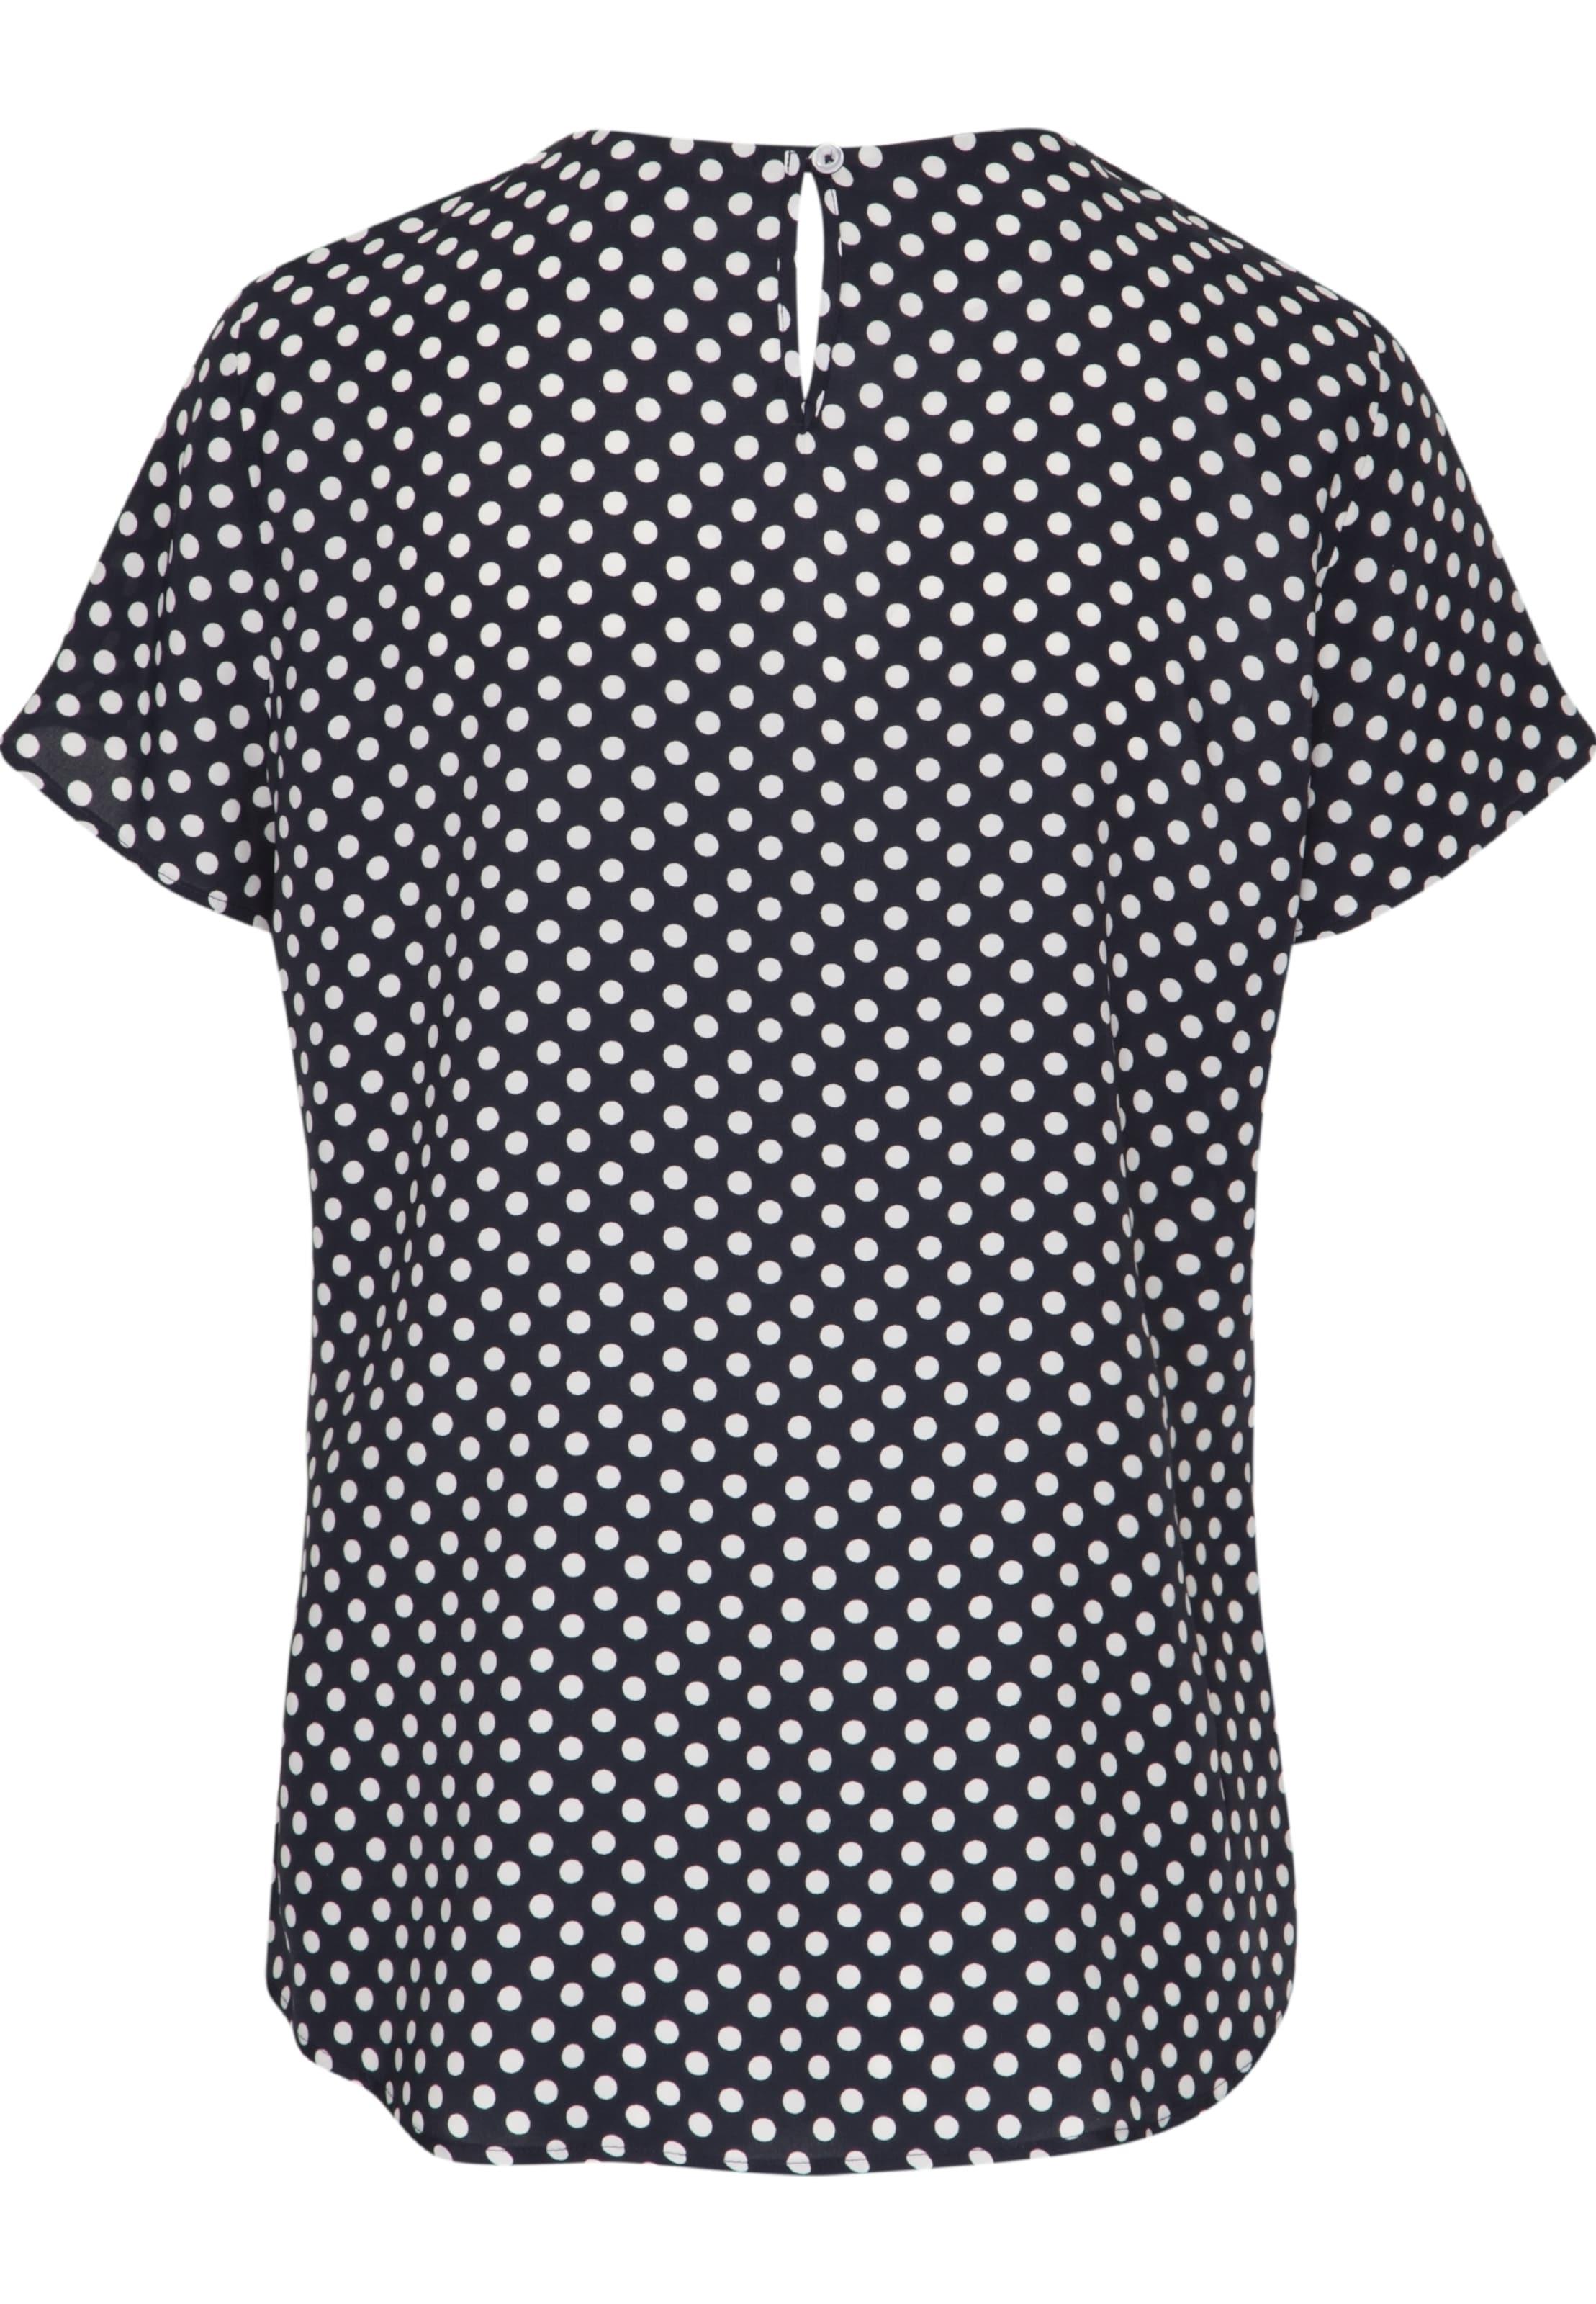 Günstig Kaufen Auslassstellen Günstig Kaufen Exklusiv SEIDENSTICKER Shirtbluse 'Schwarze Rose' Rabatt Top-Qualität Billig Verkauf Beliebt Footlocker Abbildungen Günstig Online i8NFS6